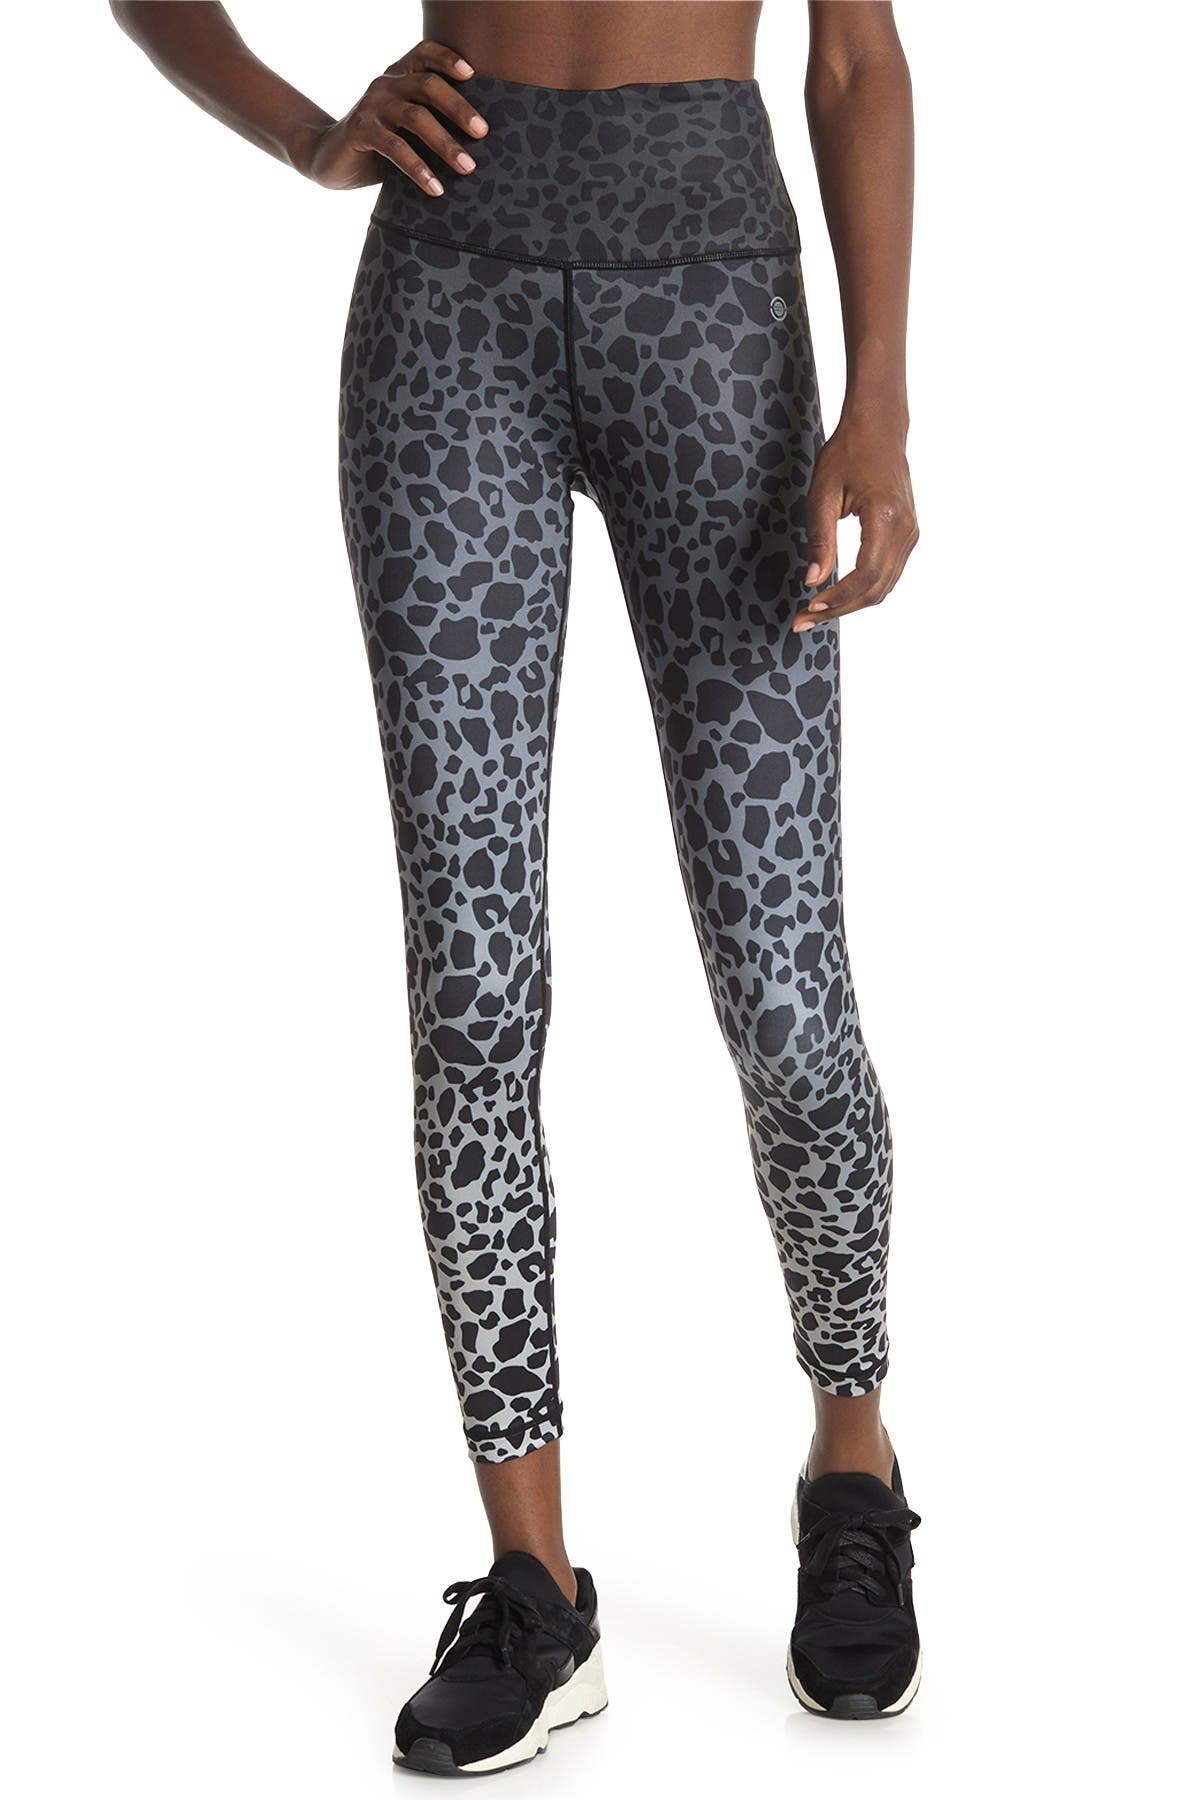 Image of Max Studio Monday Cheetah Print High Rise 7/8 Leggings